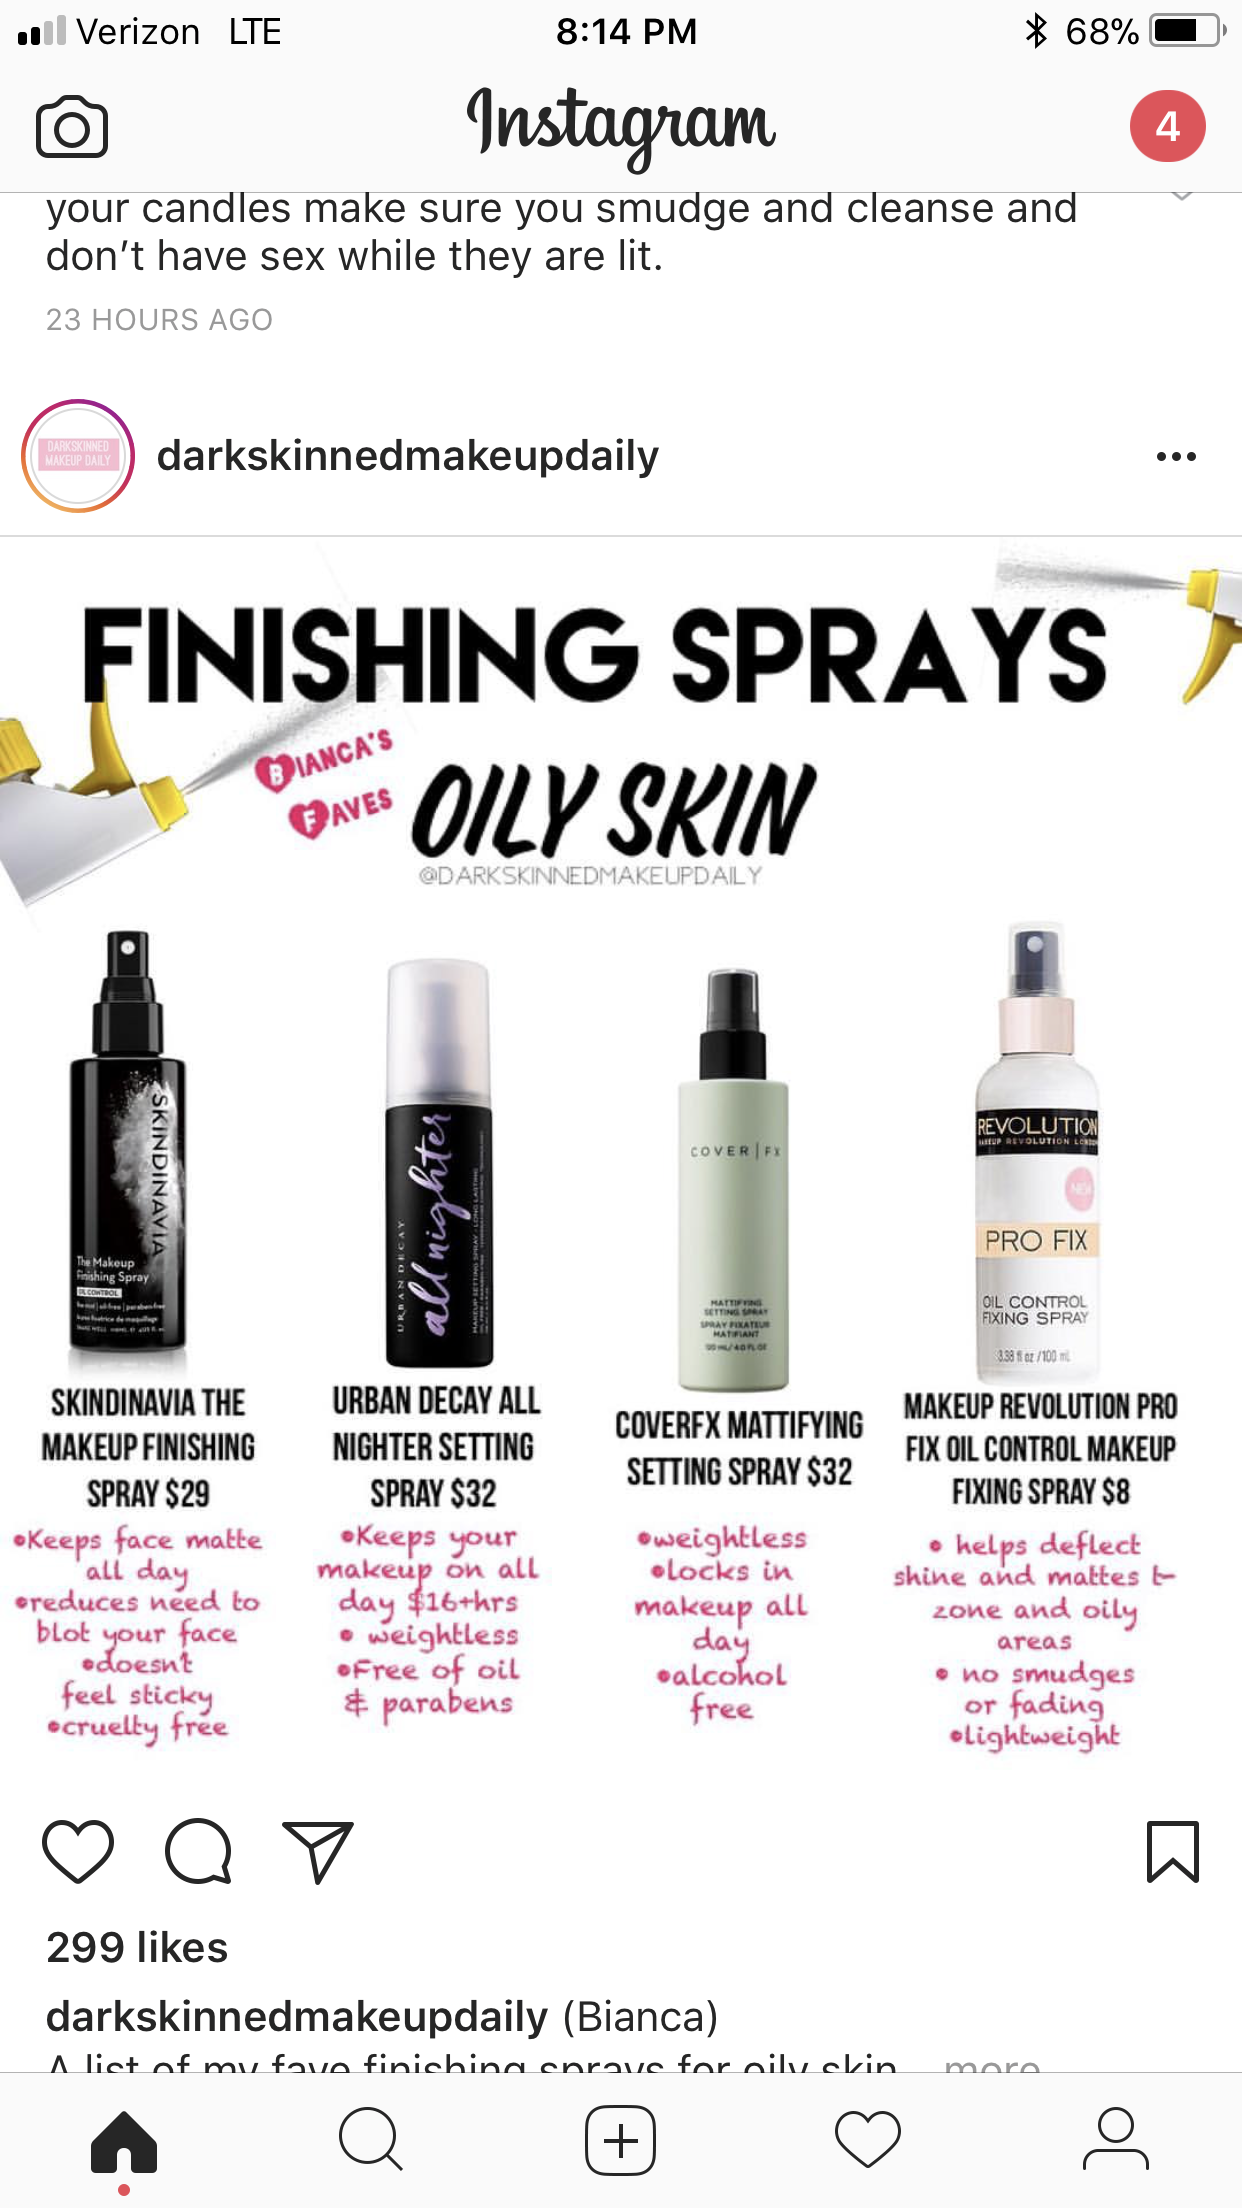 Finishing sprays for oily skin Oily skin makeup, Oily